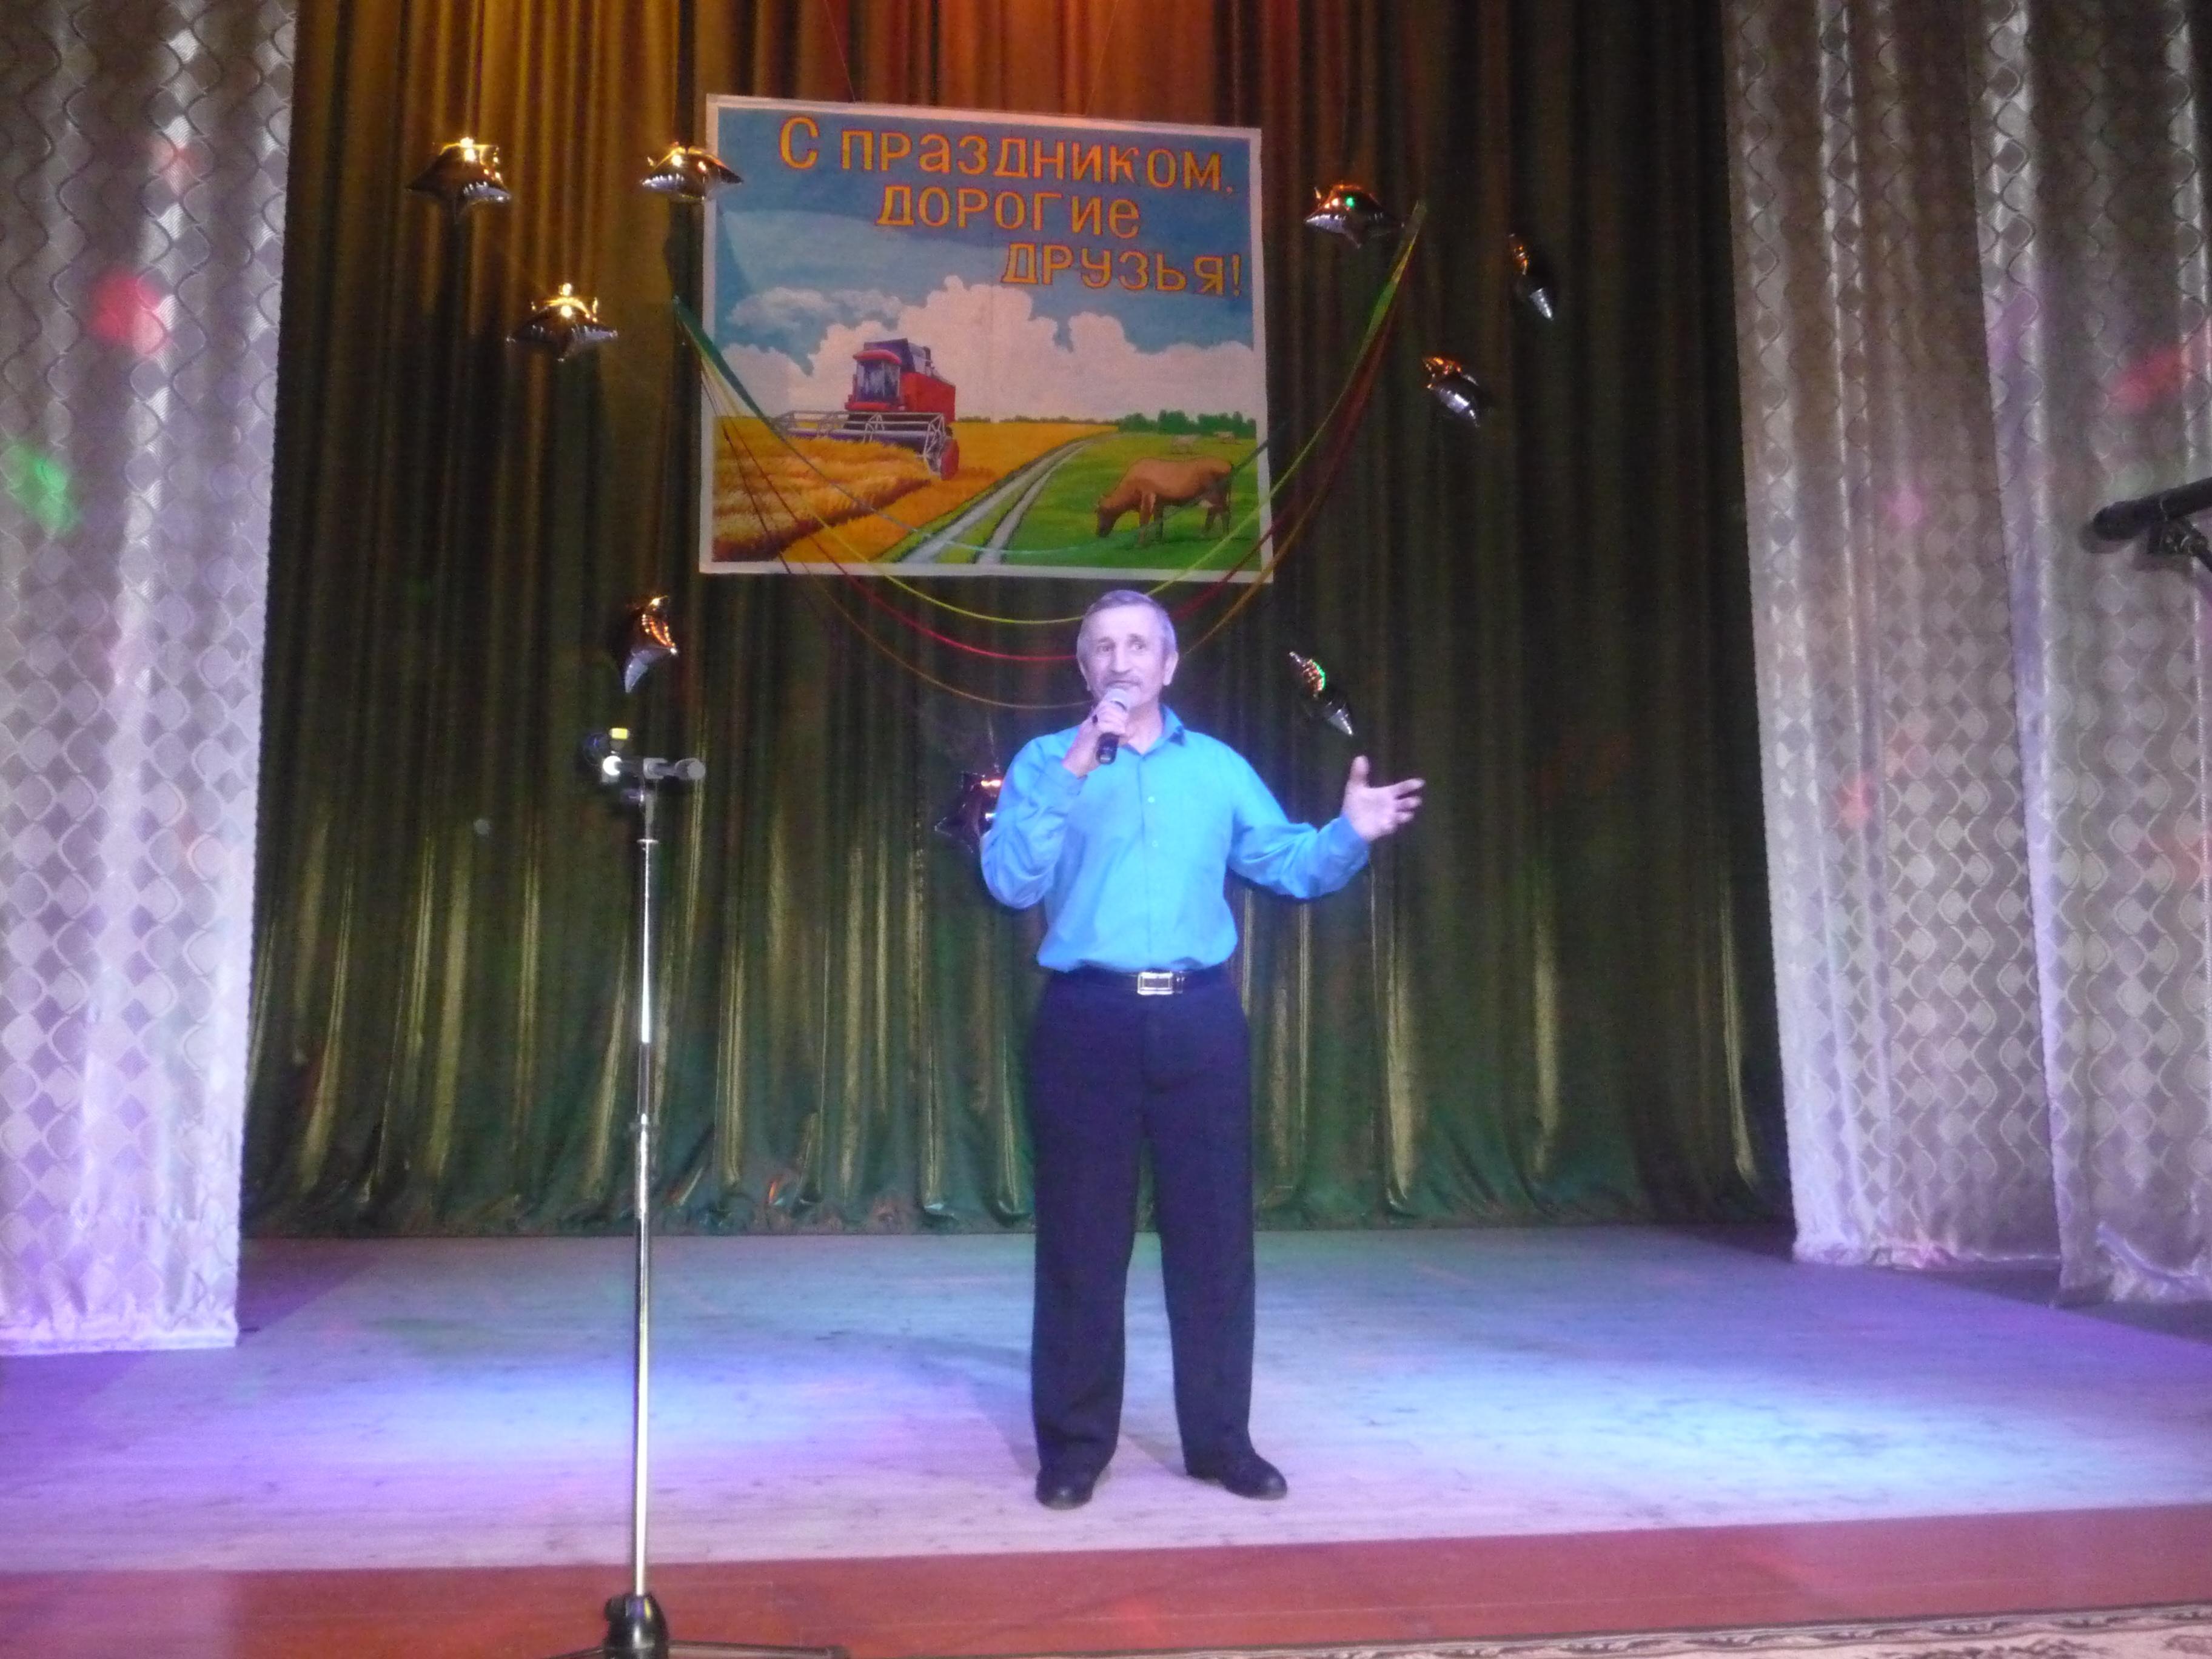 Изображение из альбома Концерт, посвященный Дню работника сельского хозяйства